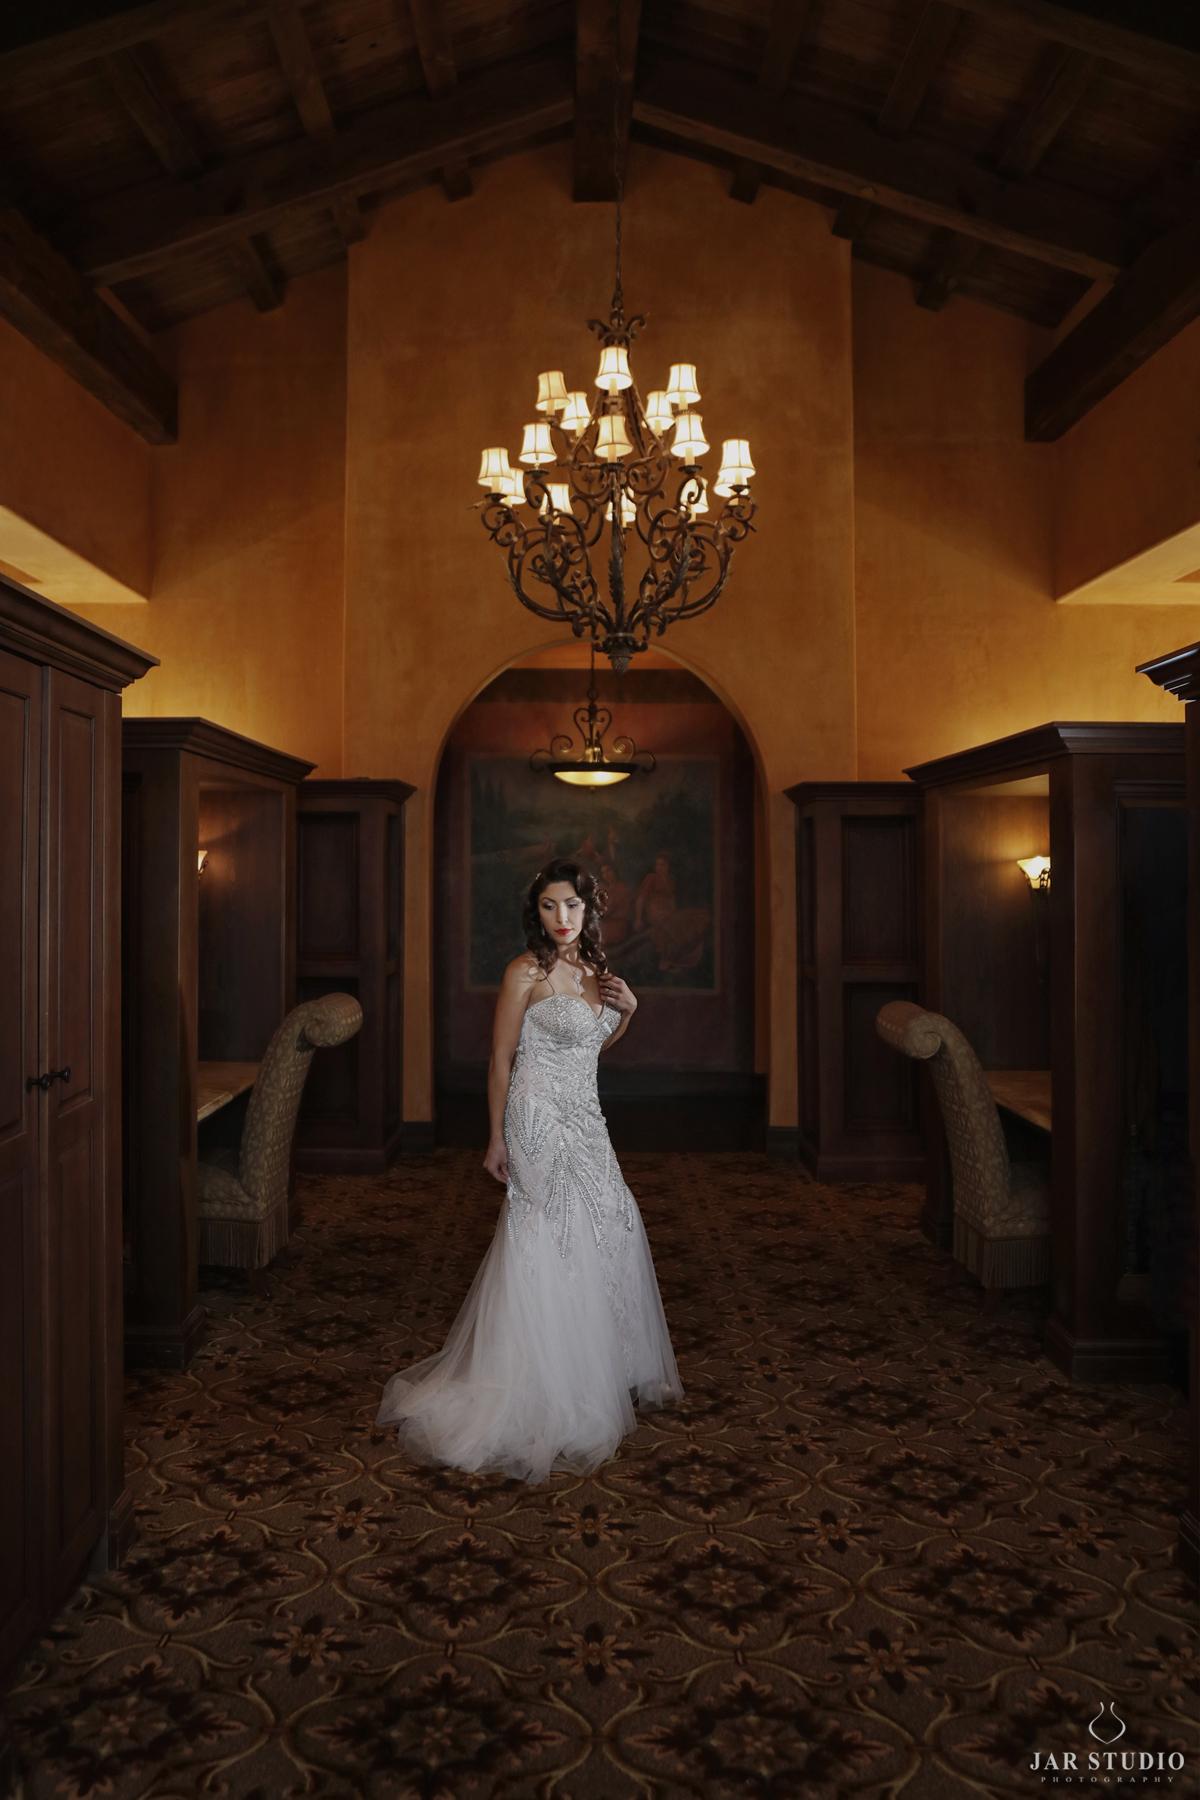 04-elegant-unique-getting-ready-bride-jarstudio.jpg